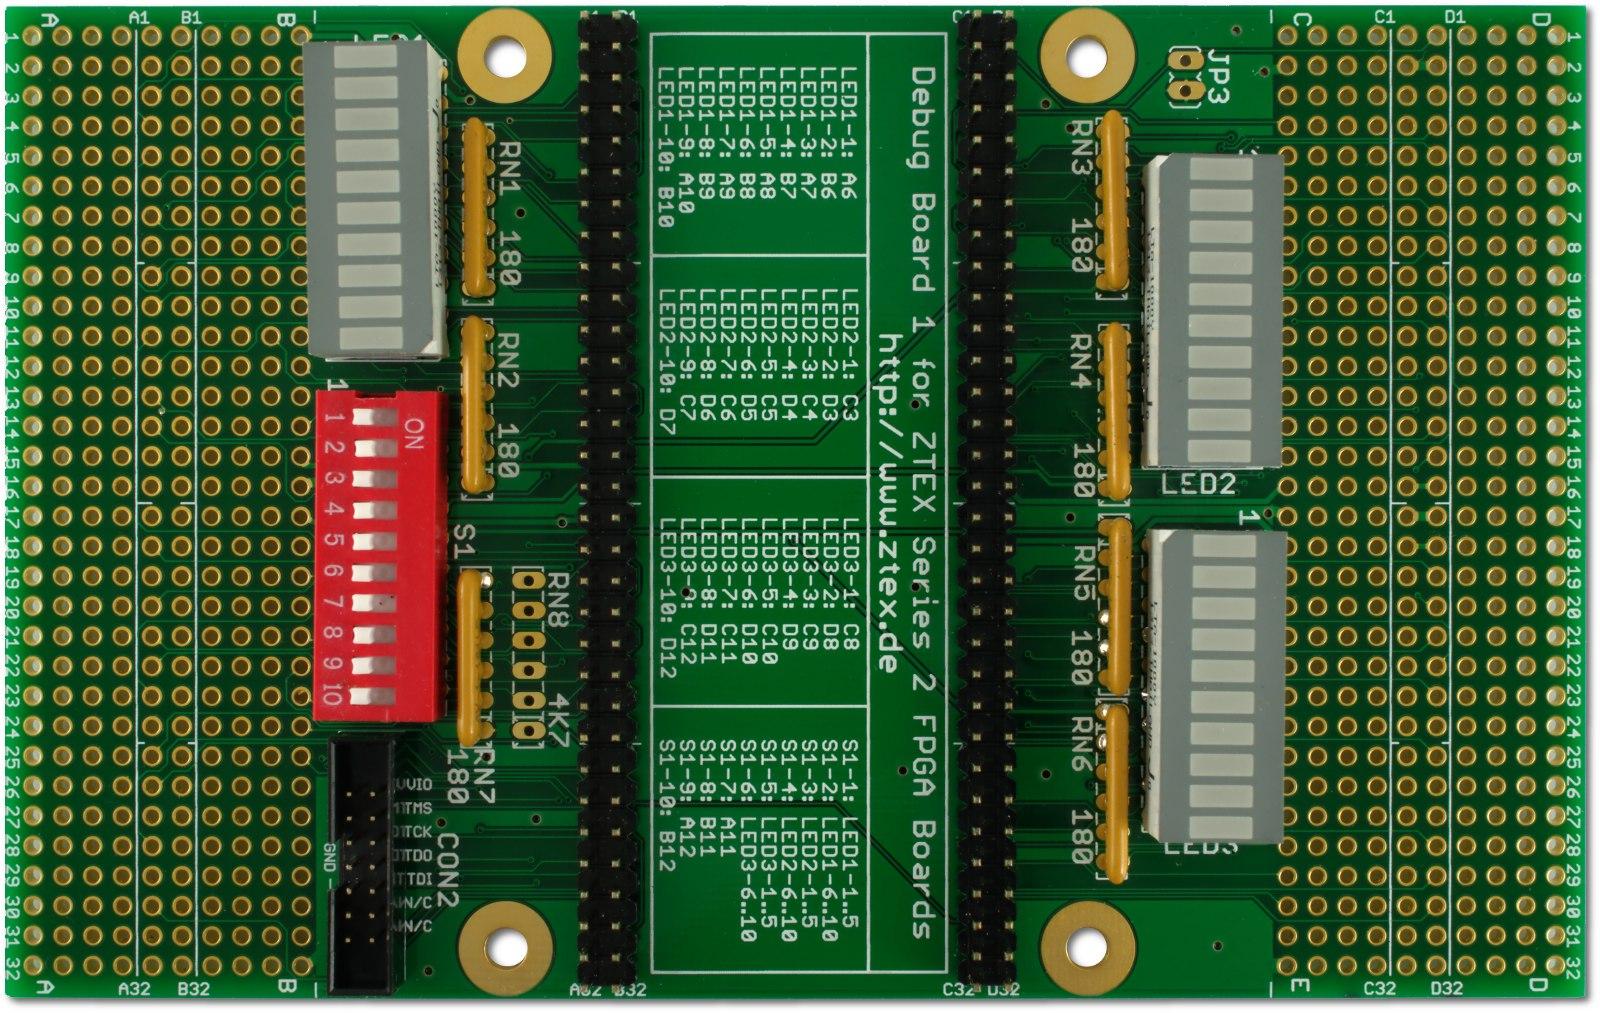 Debug Board for Series 2 FPGA Boards